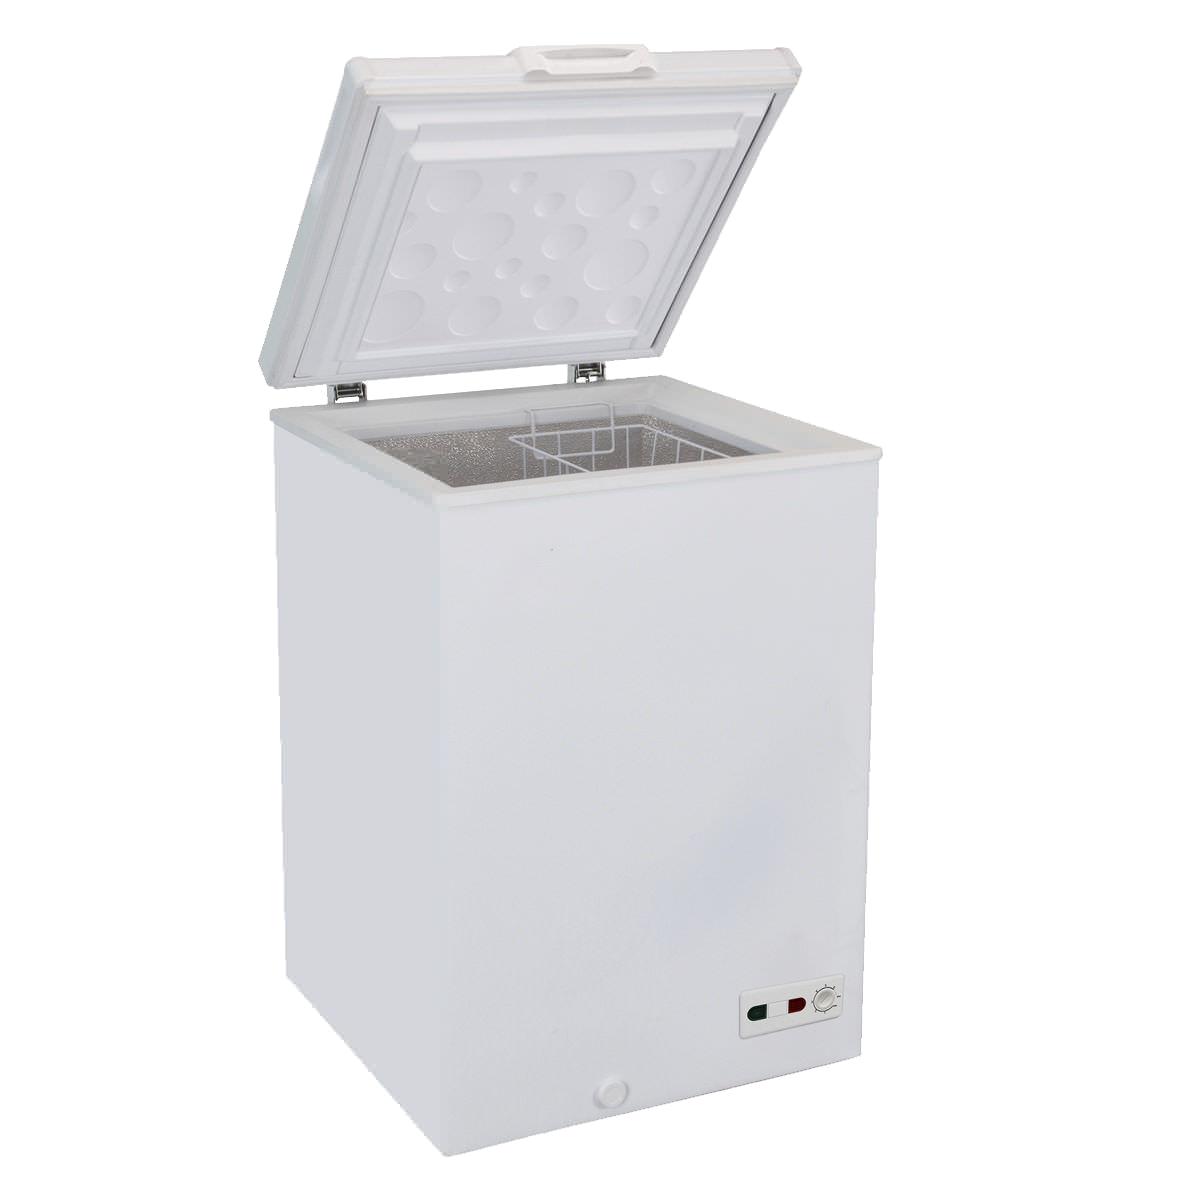 Servicio t cnico dometic bizkaia 900 103 171 - Arcon congelador pequeno ...